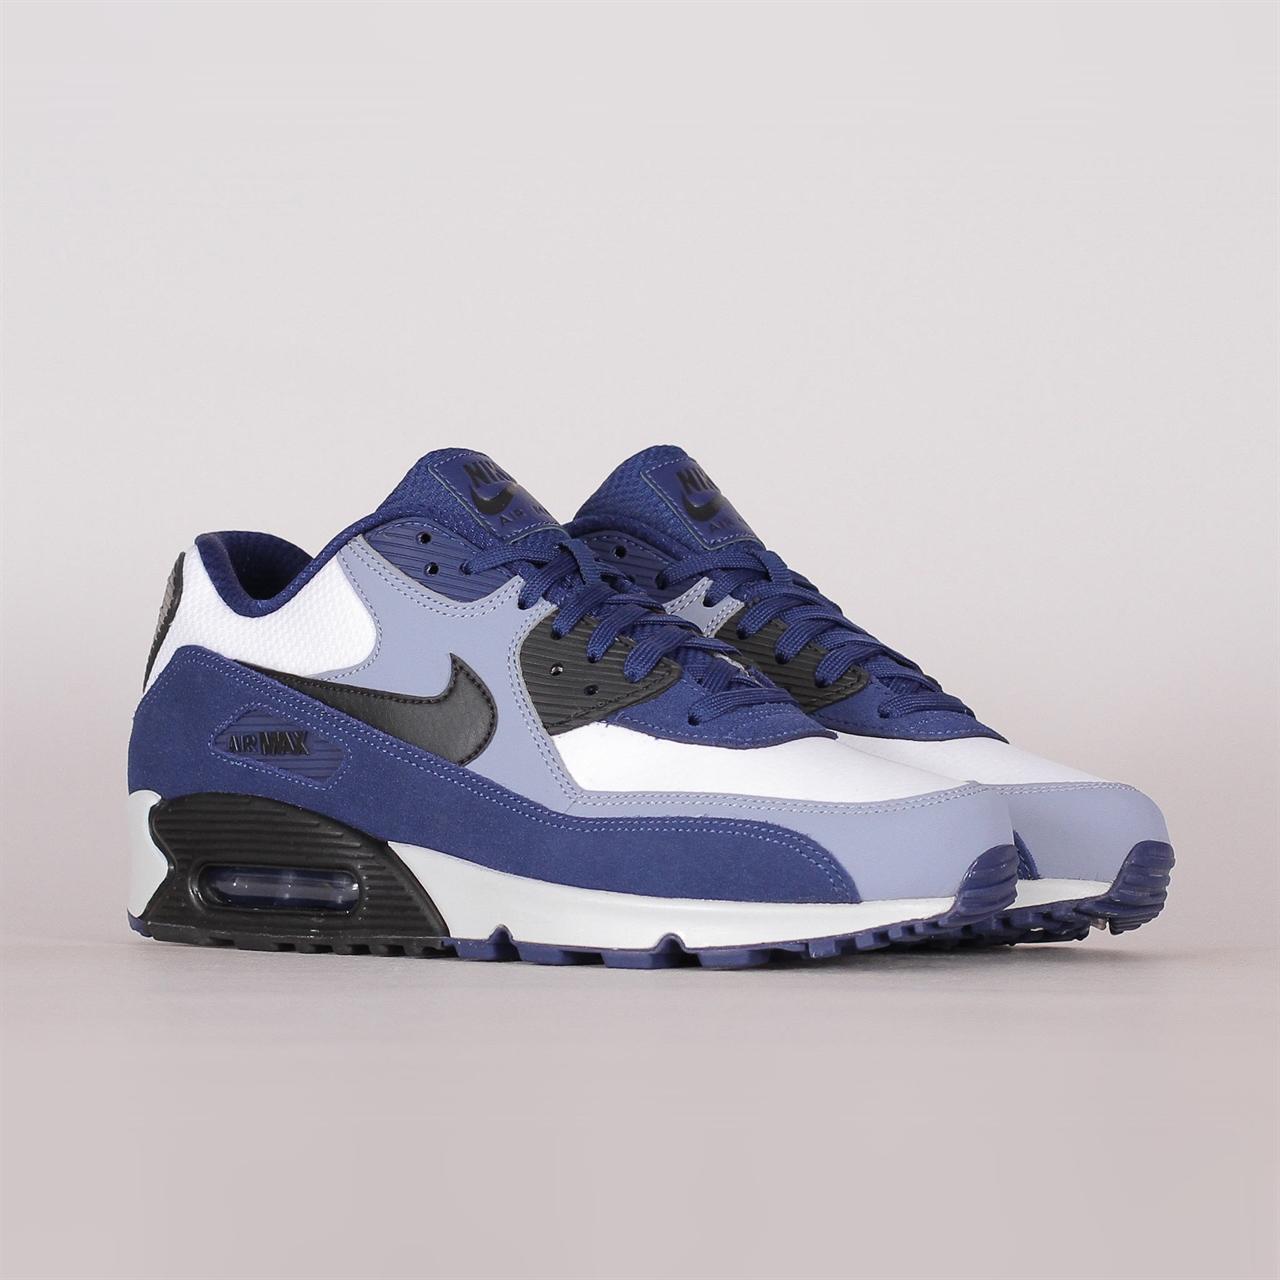 buy popular b7cef 81810 ... skor storlek 41 c3467 bf1e9  denmark shelta nike sportswear air max 90  leather 302519 400 469c3 727a3